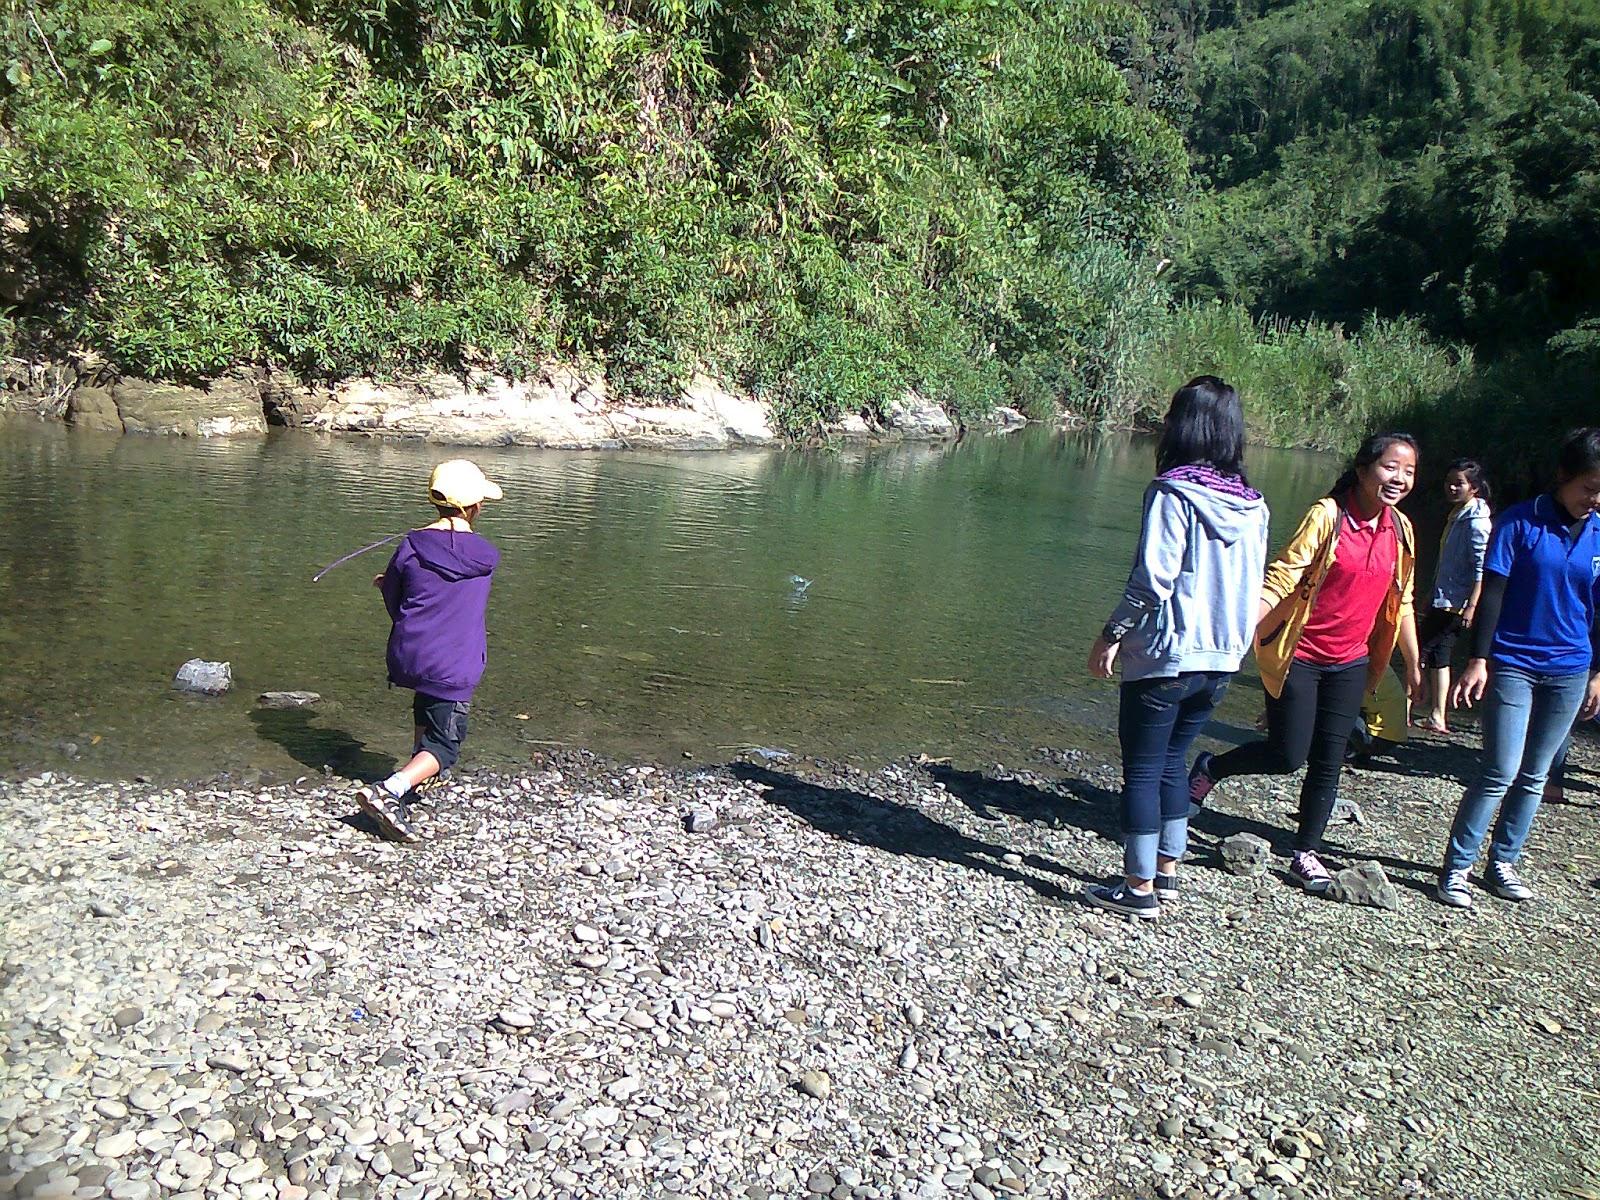 CARIBOU: Students te nen Tlawnglui lamah